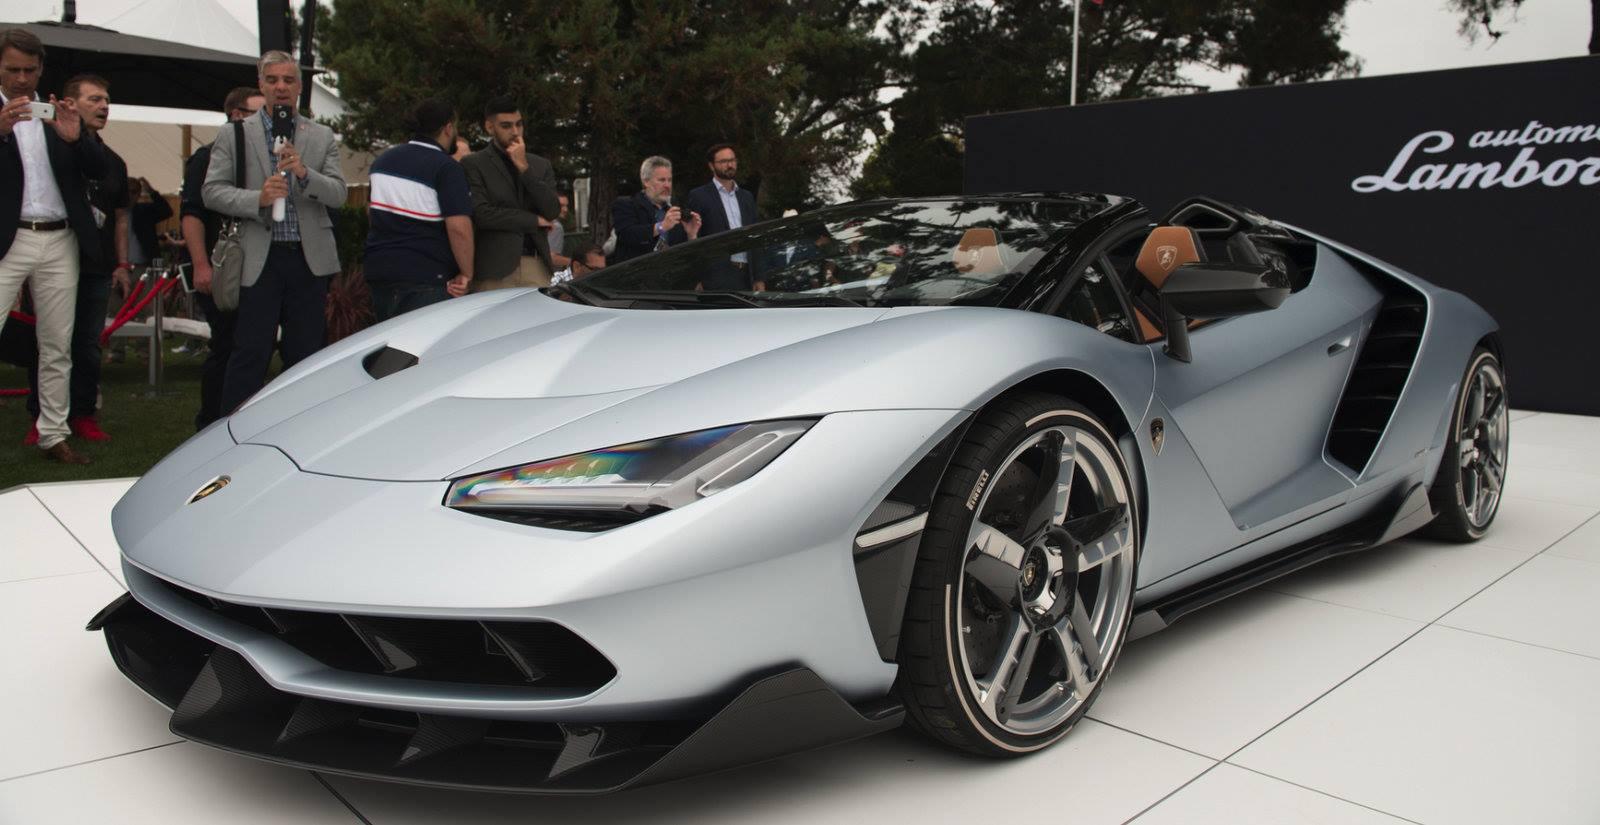 Monterey Car Week 2016 Lamborghini Centenario Roadster